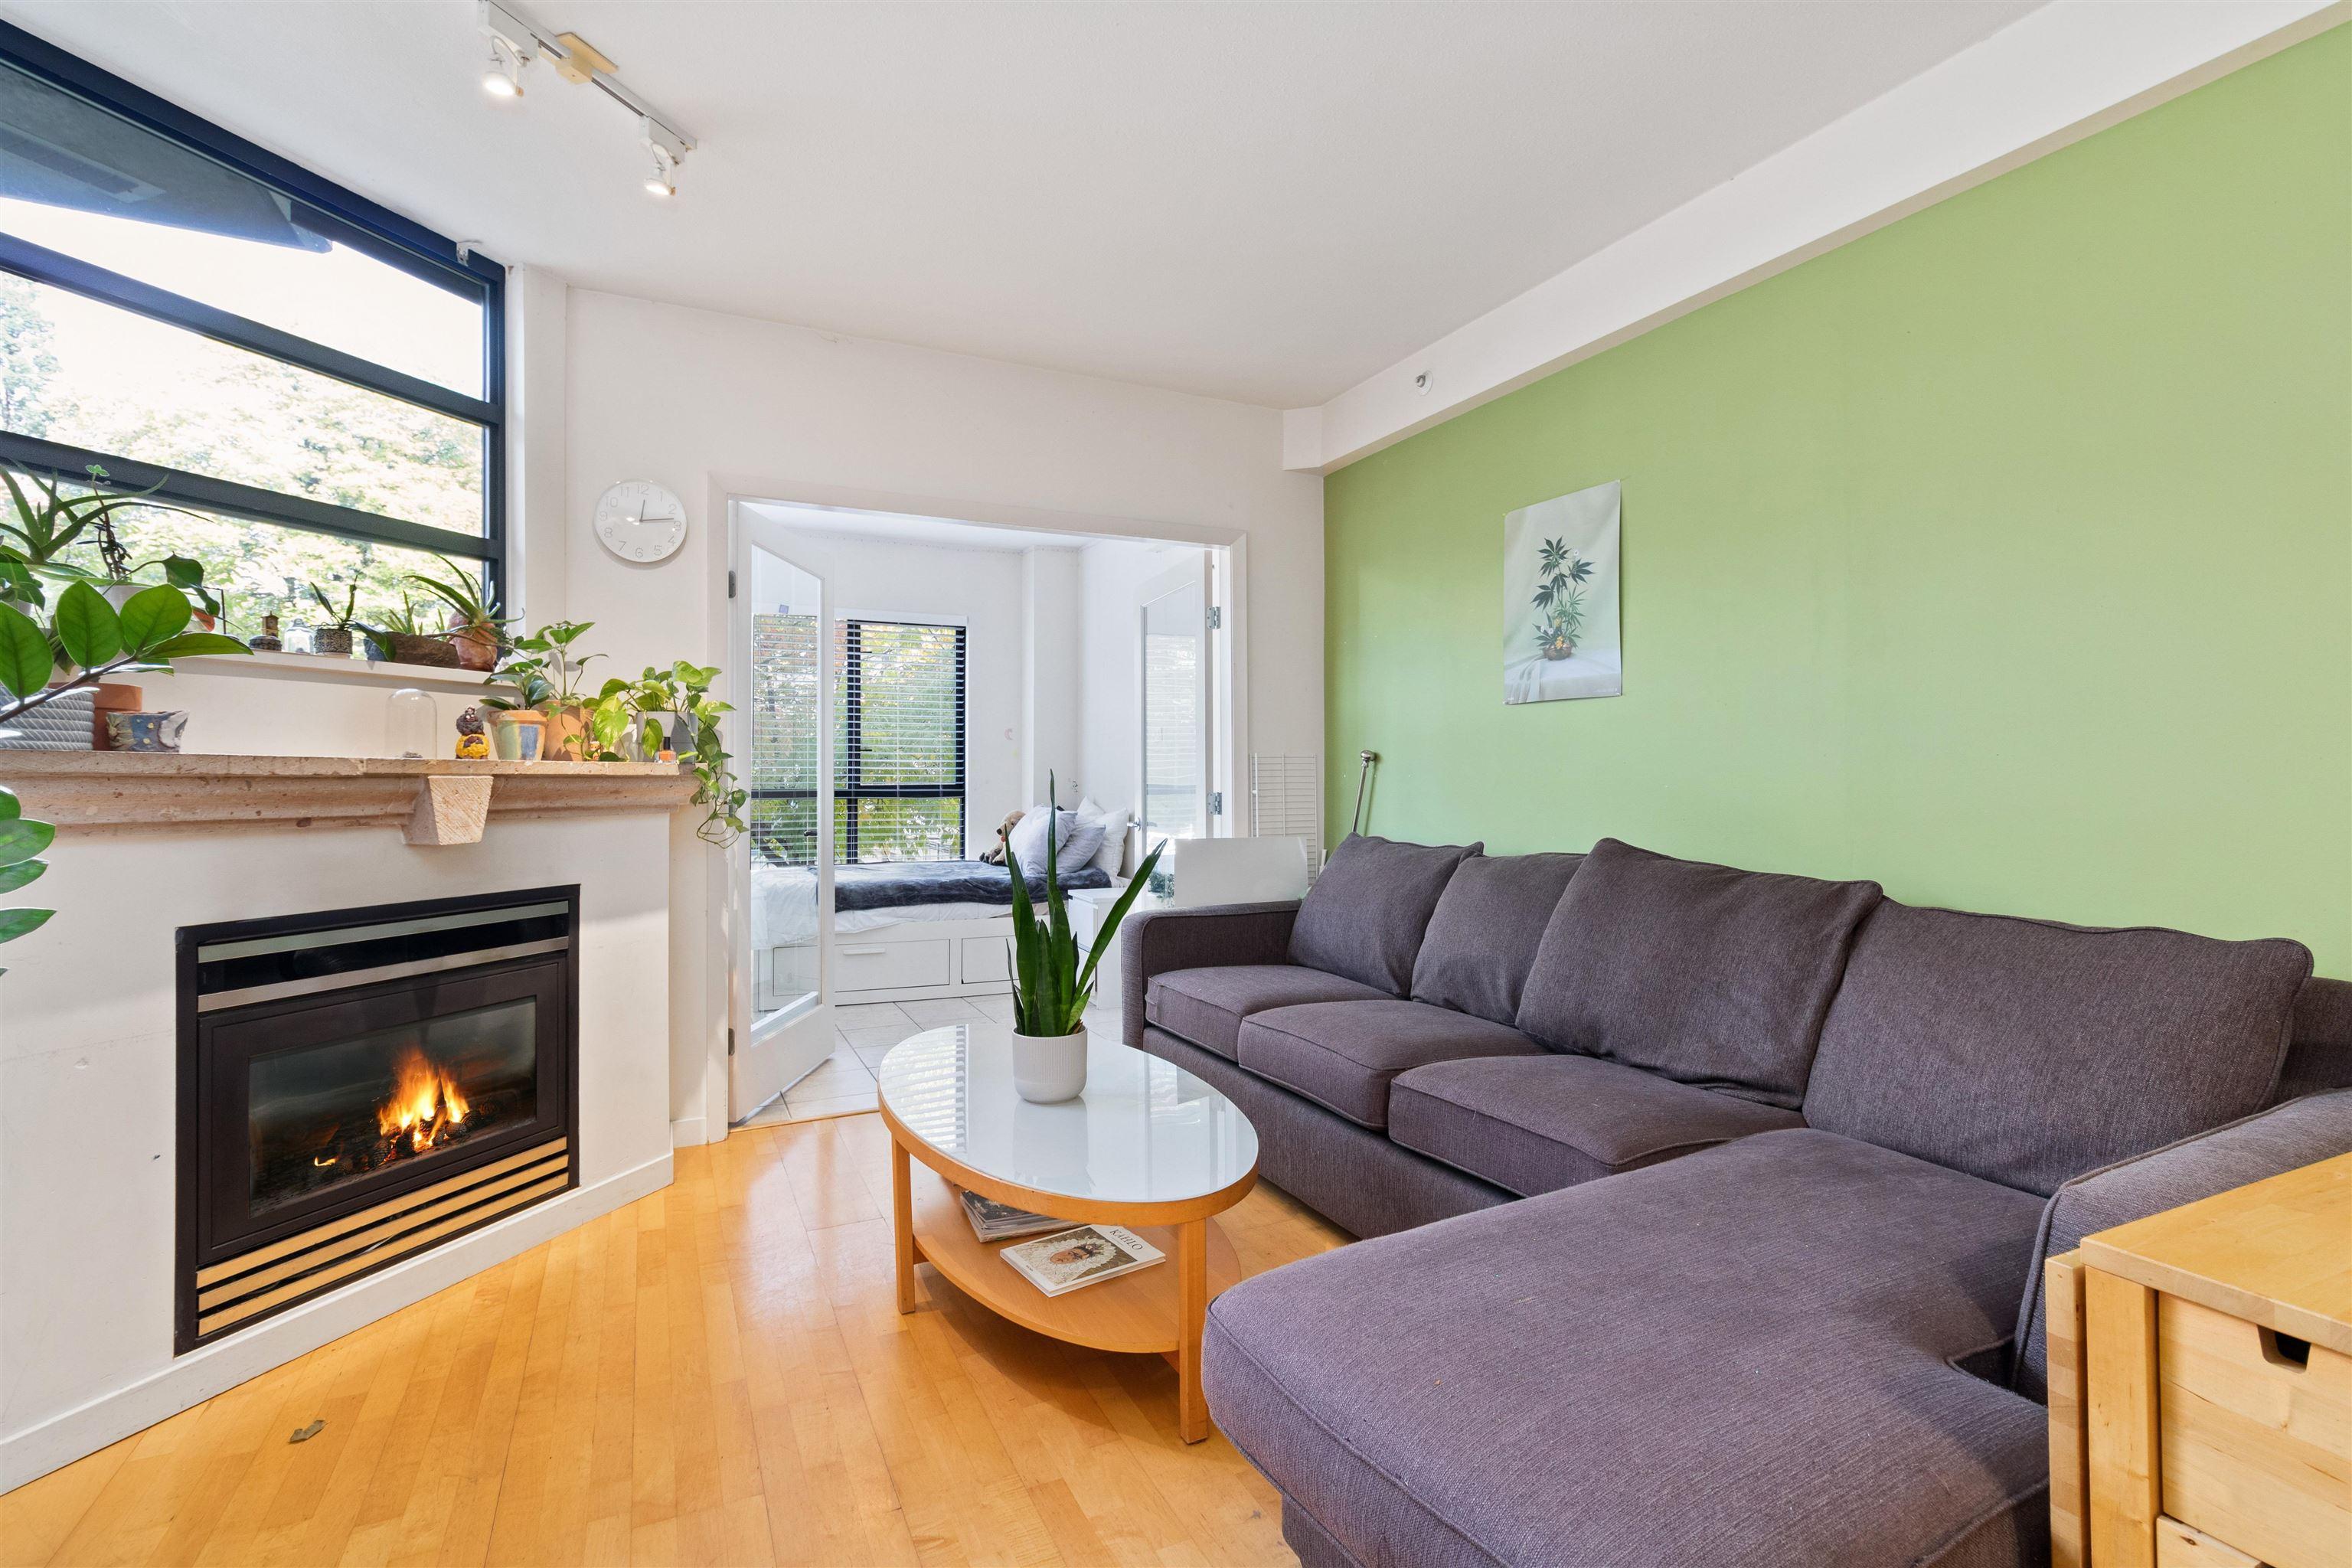 209 2228 MARSTRAND AVENUE - Kitsilano Apartment/Condo for sale, 1 Bedroom (R2617246) - #1